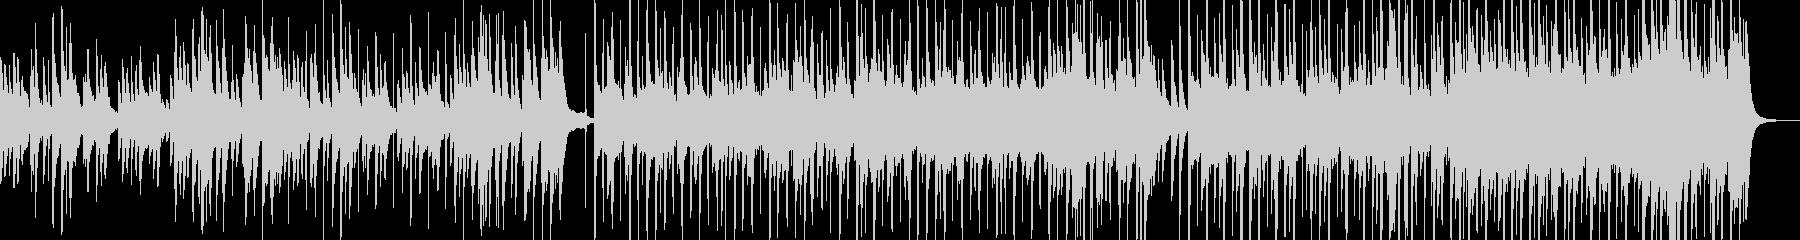 切ないピアノ、小編成で囲むバラードの未再生の波形